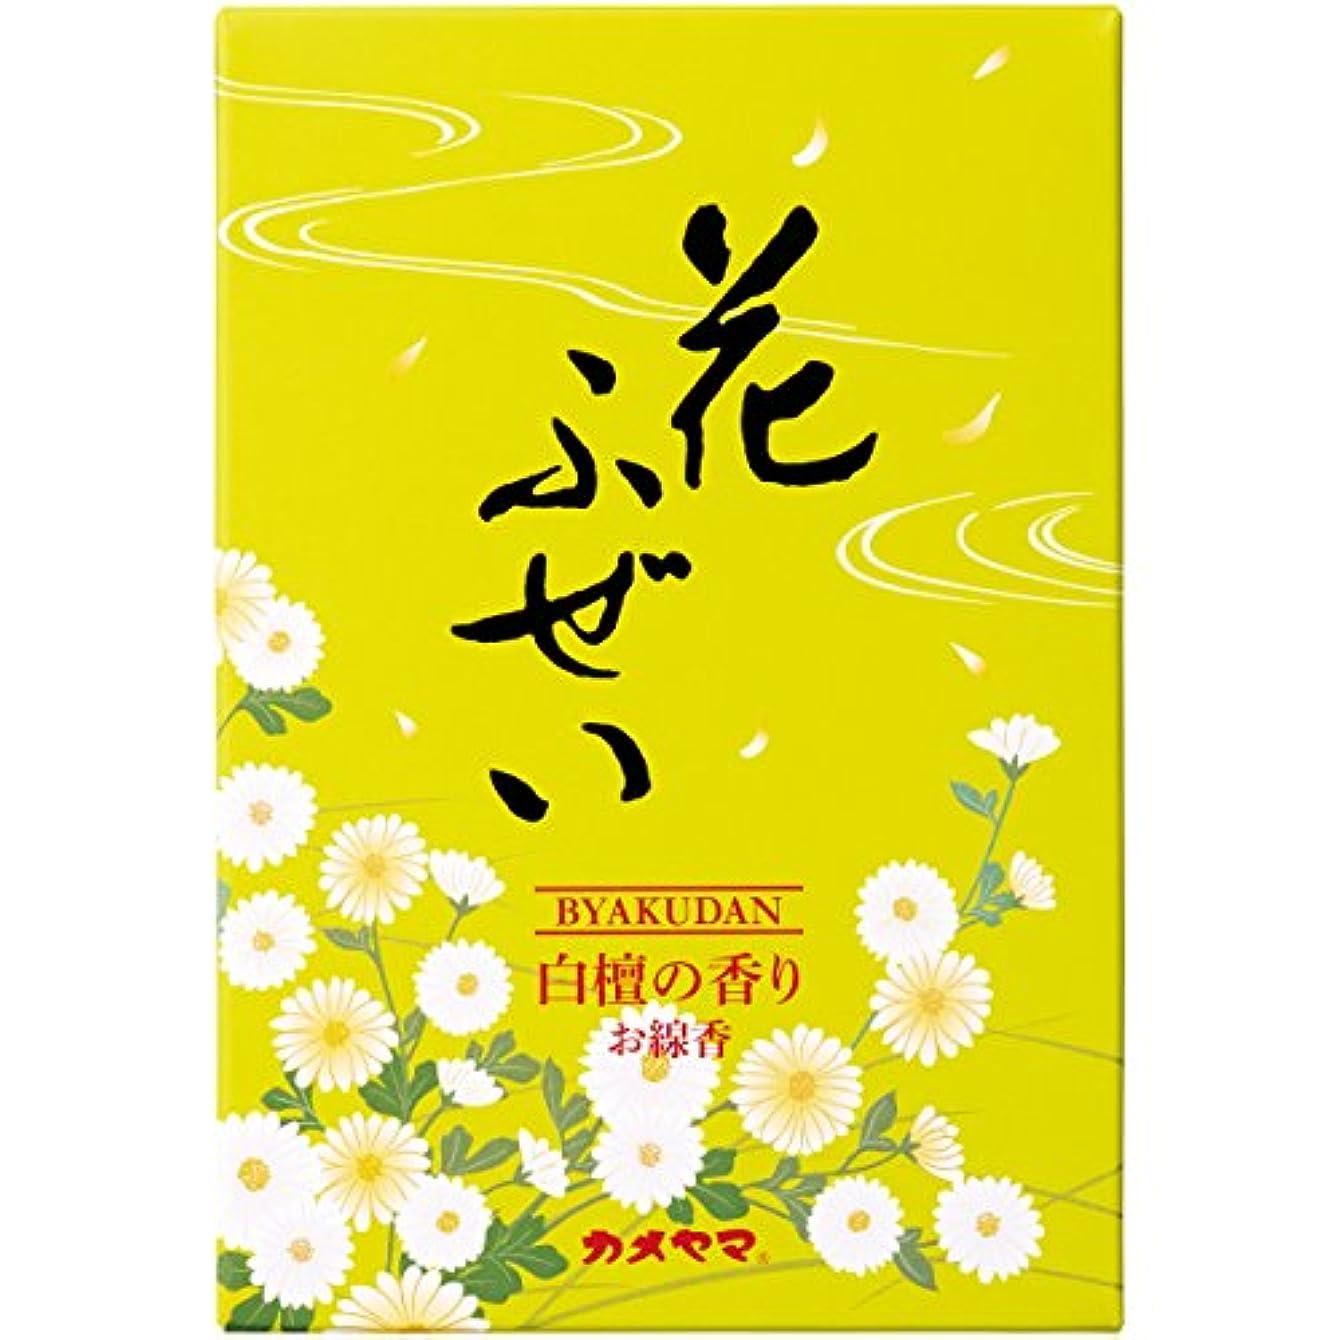 バズペンスマーティンルーサーキングジュニアカメヤマ 花ふぜい(黄)白檀 徳用大型